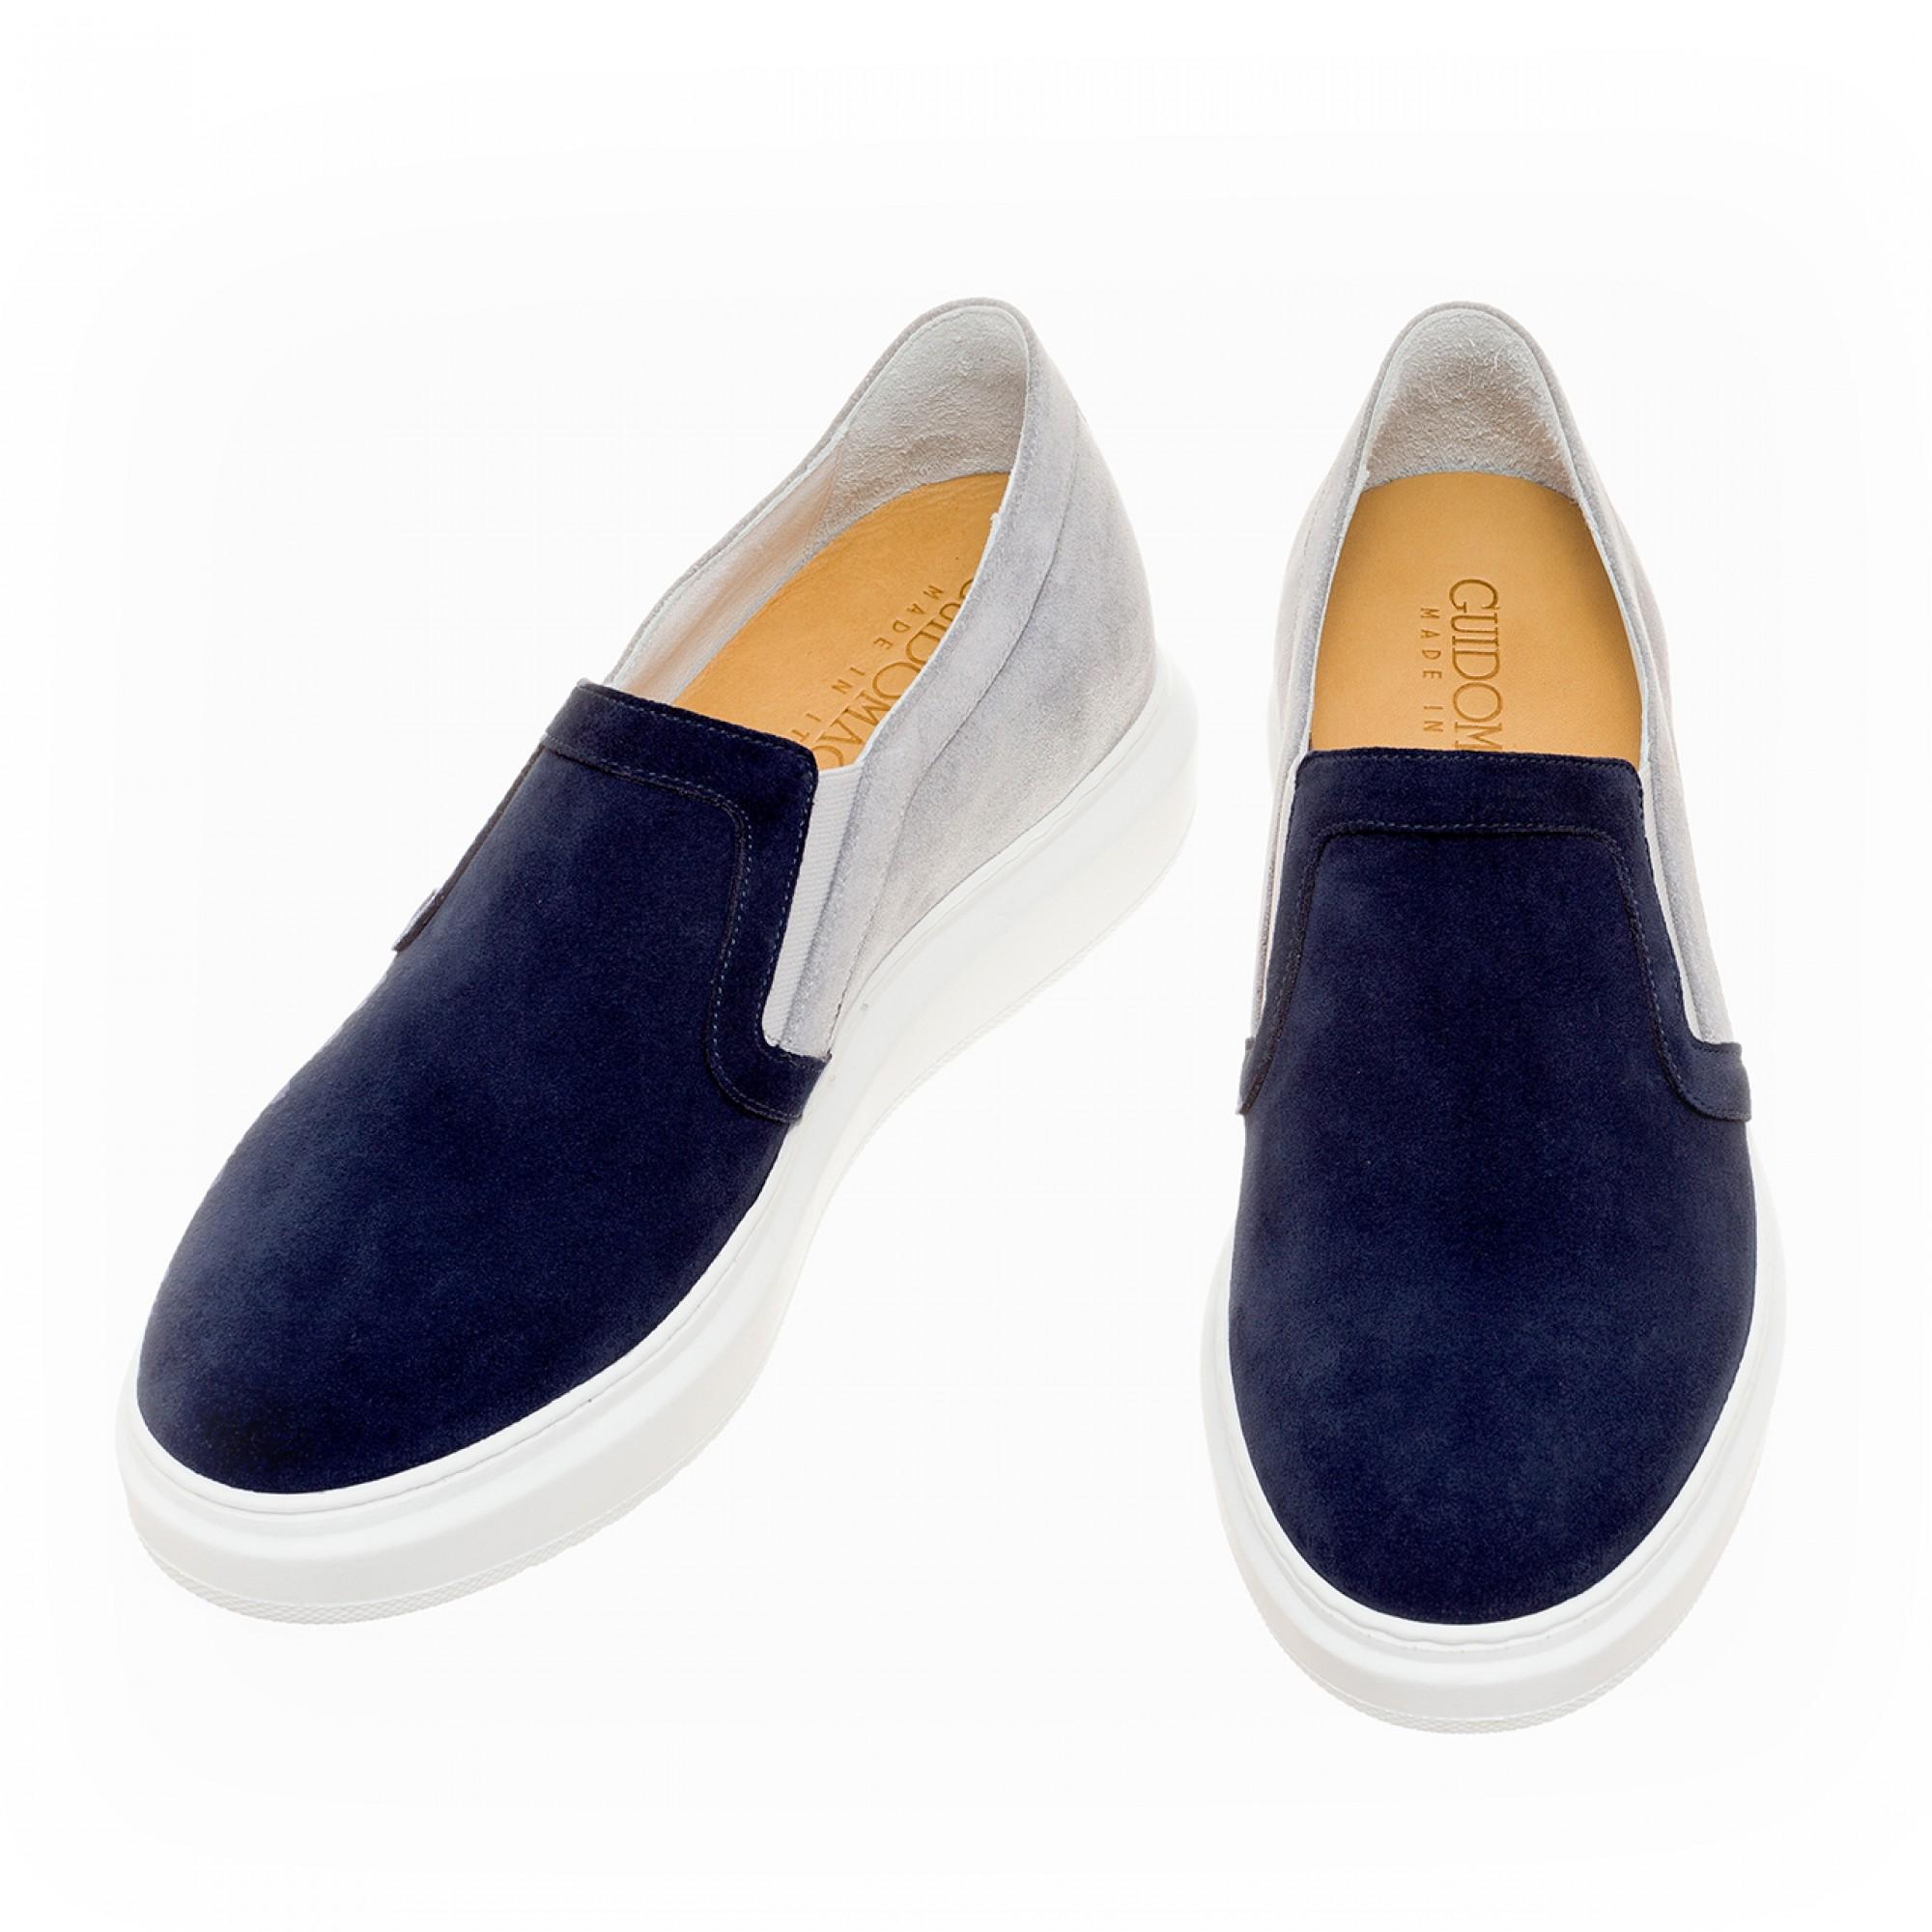 scarpe fatte a mano